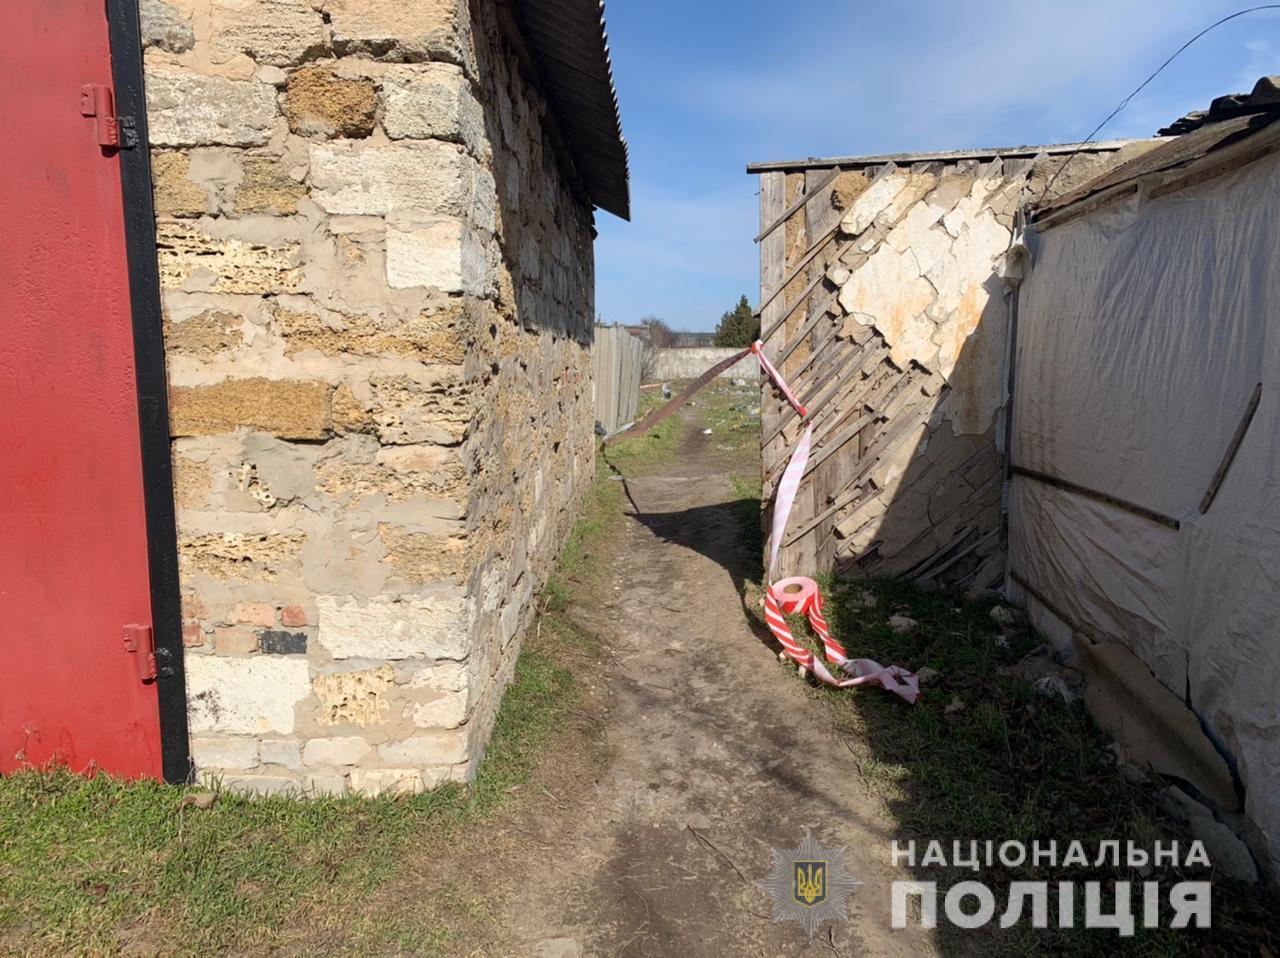 Мертвым ребенка обнаружили во время повторного осмотра территории села